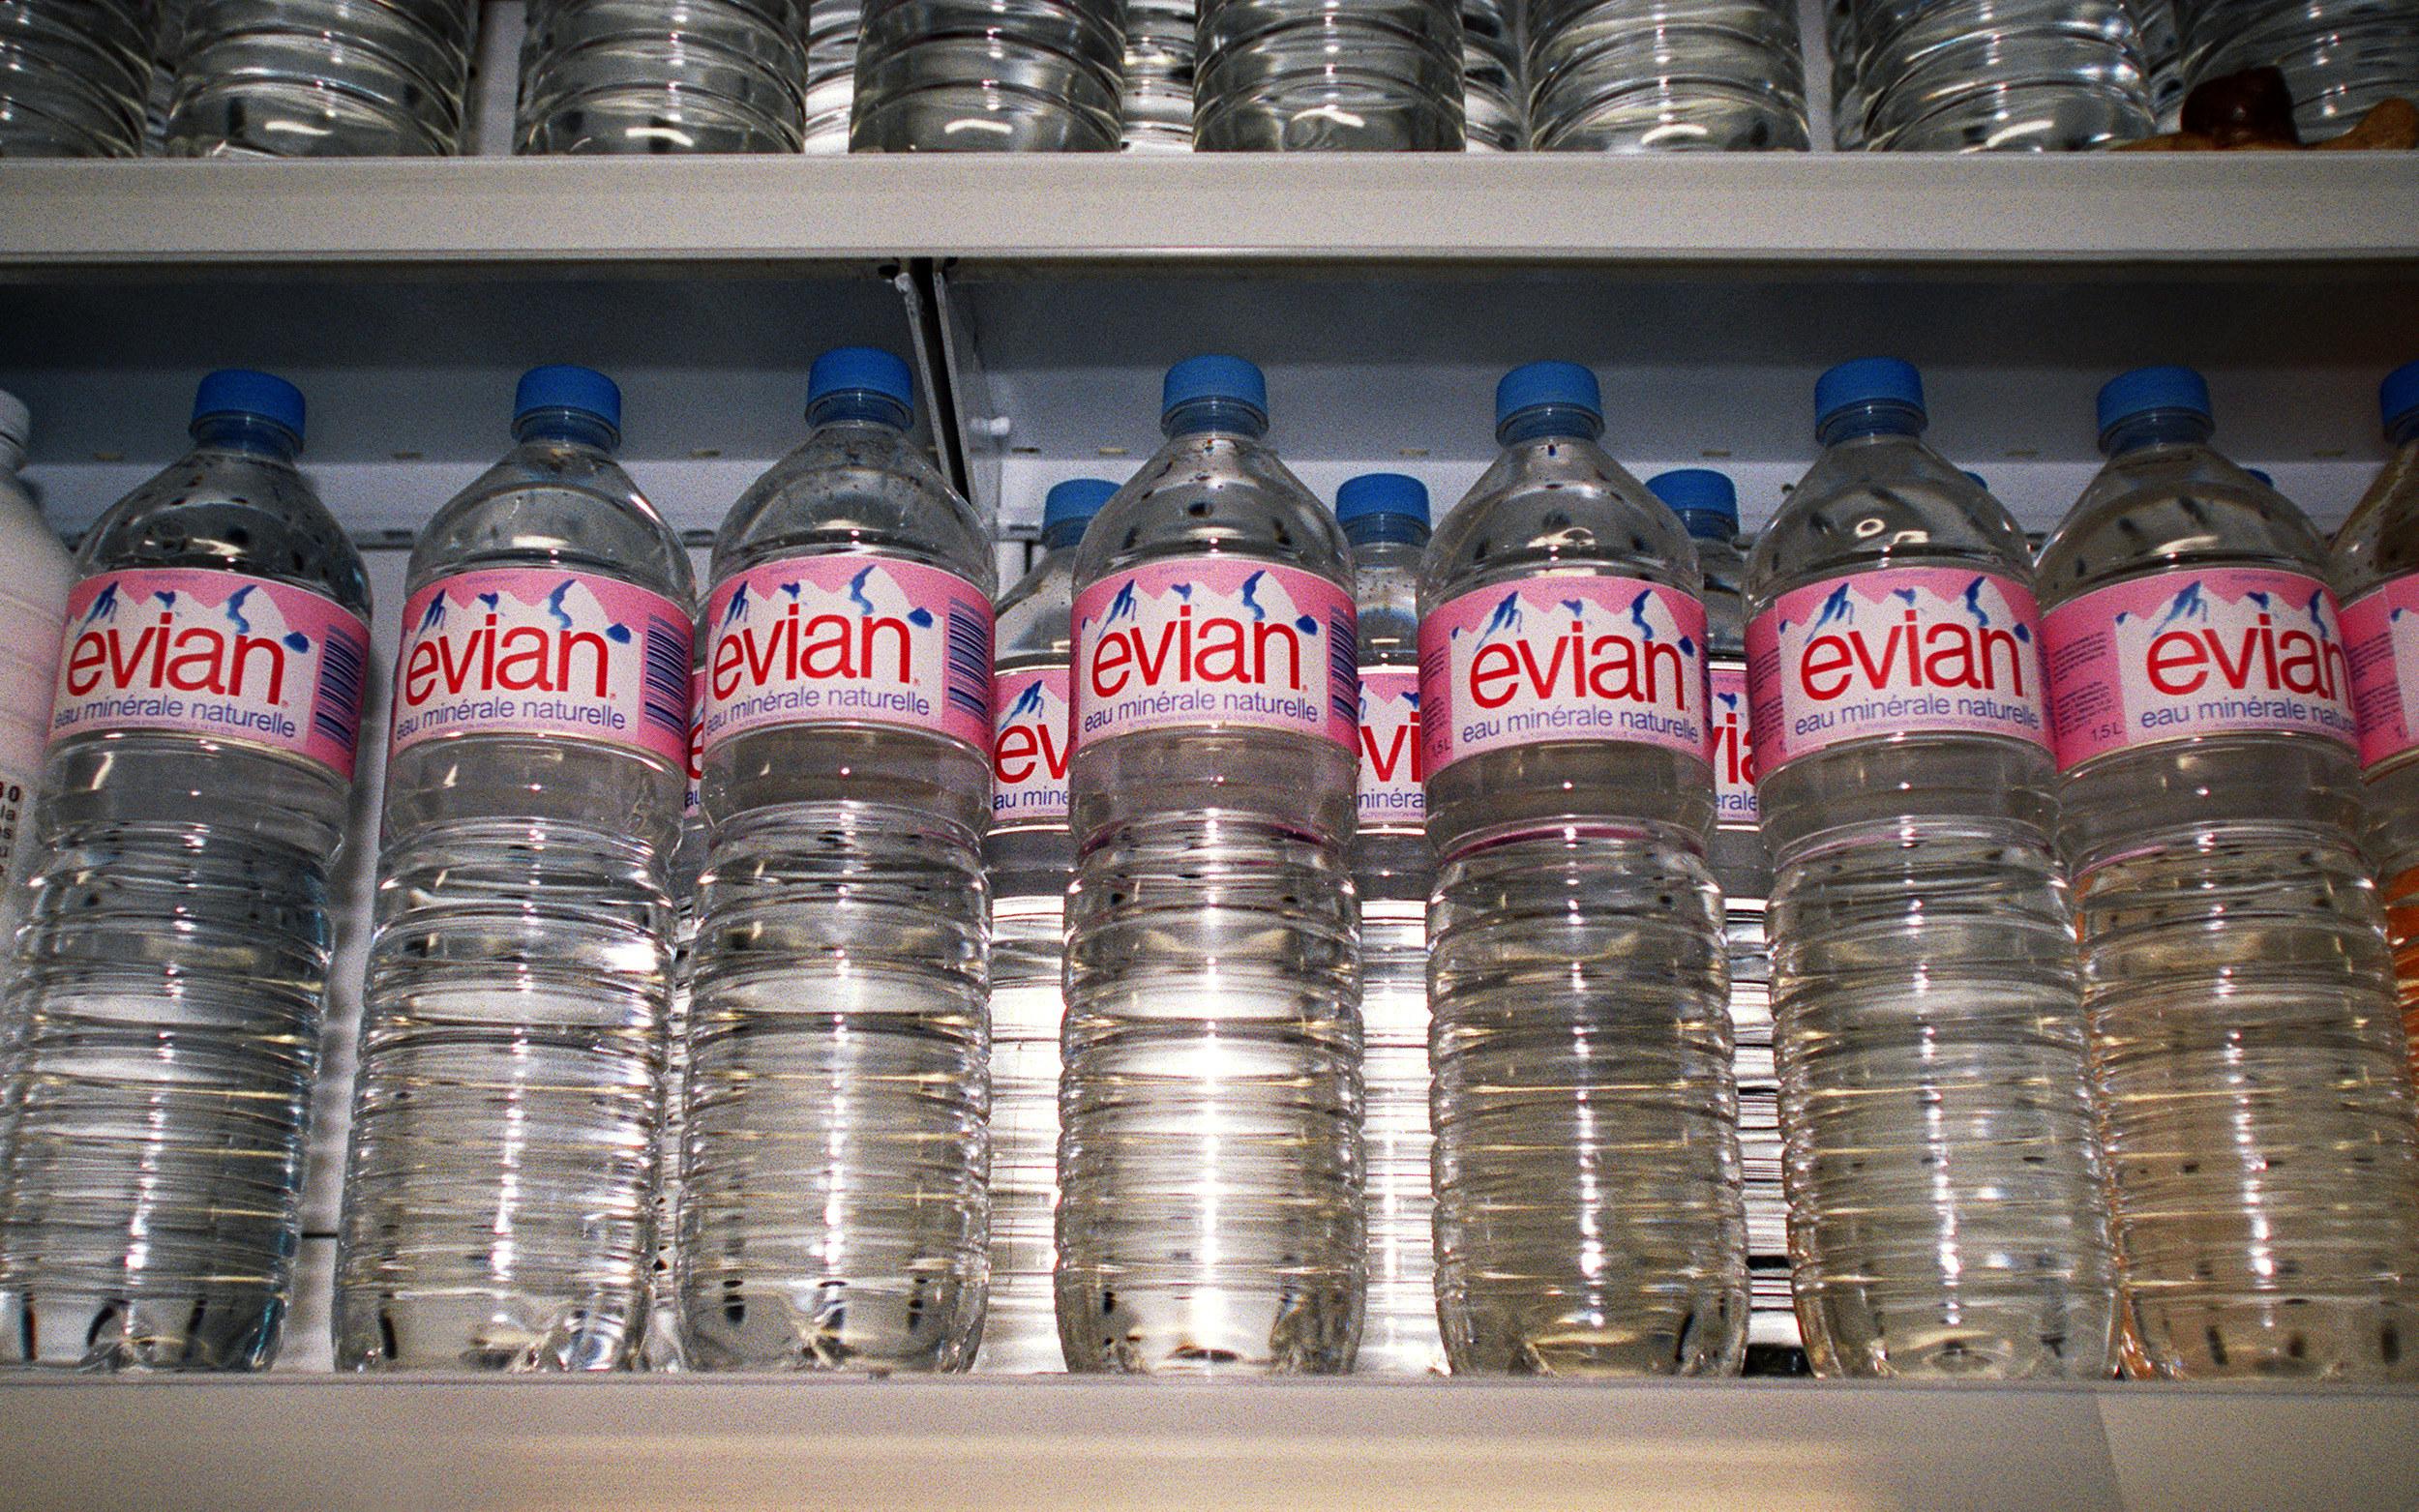 Evian bottles on a store shelf